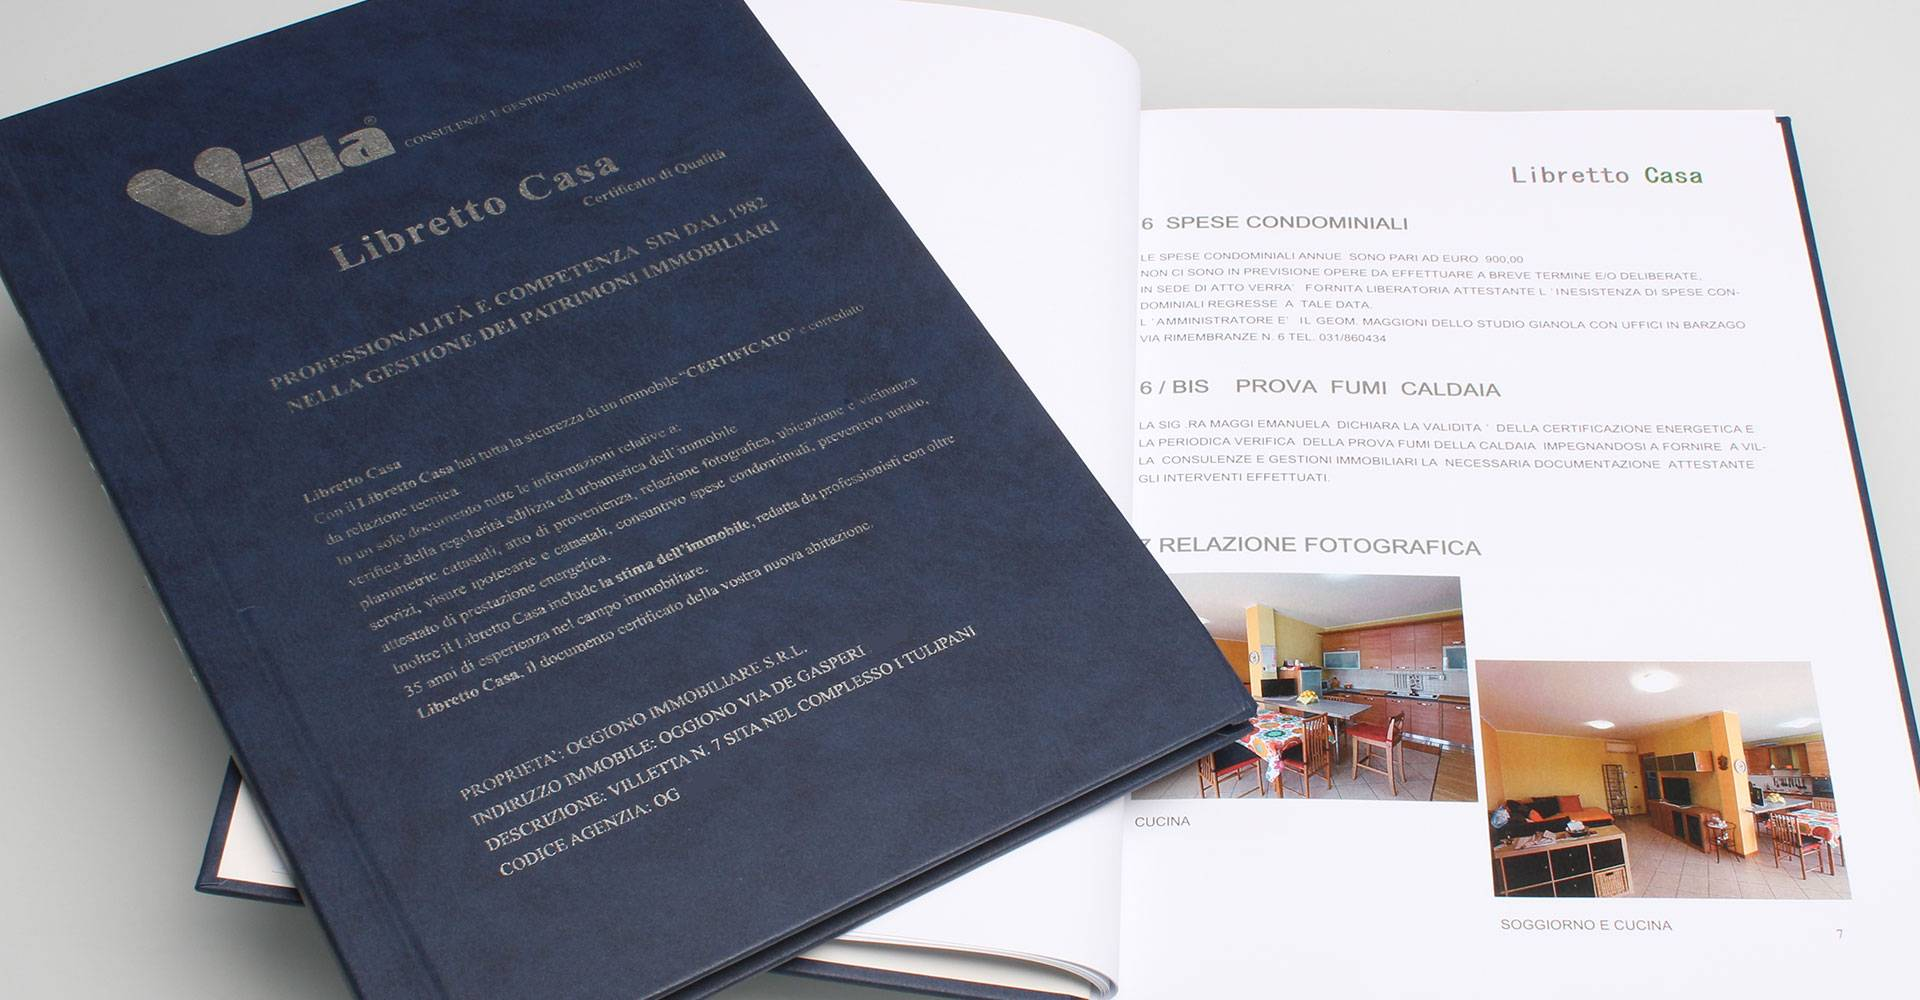 Immobili certificati e garantiti in provincia di Lecco